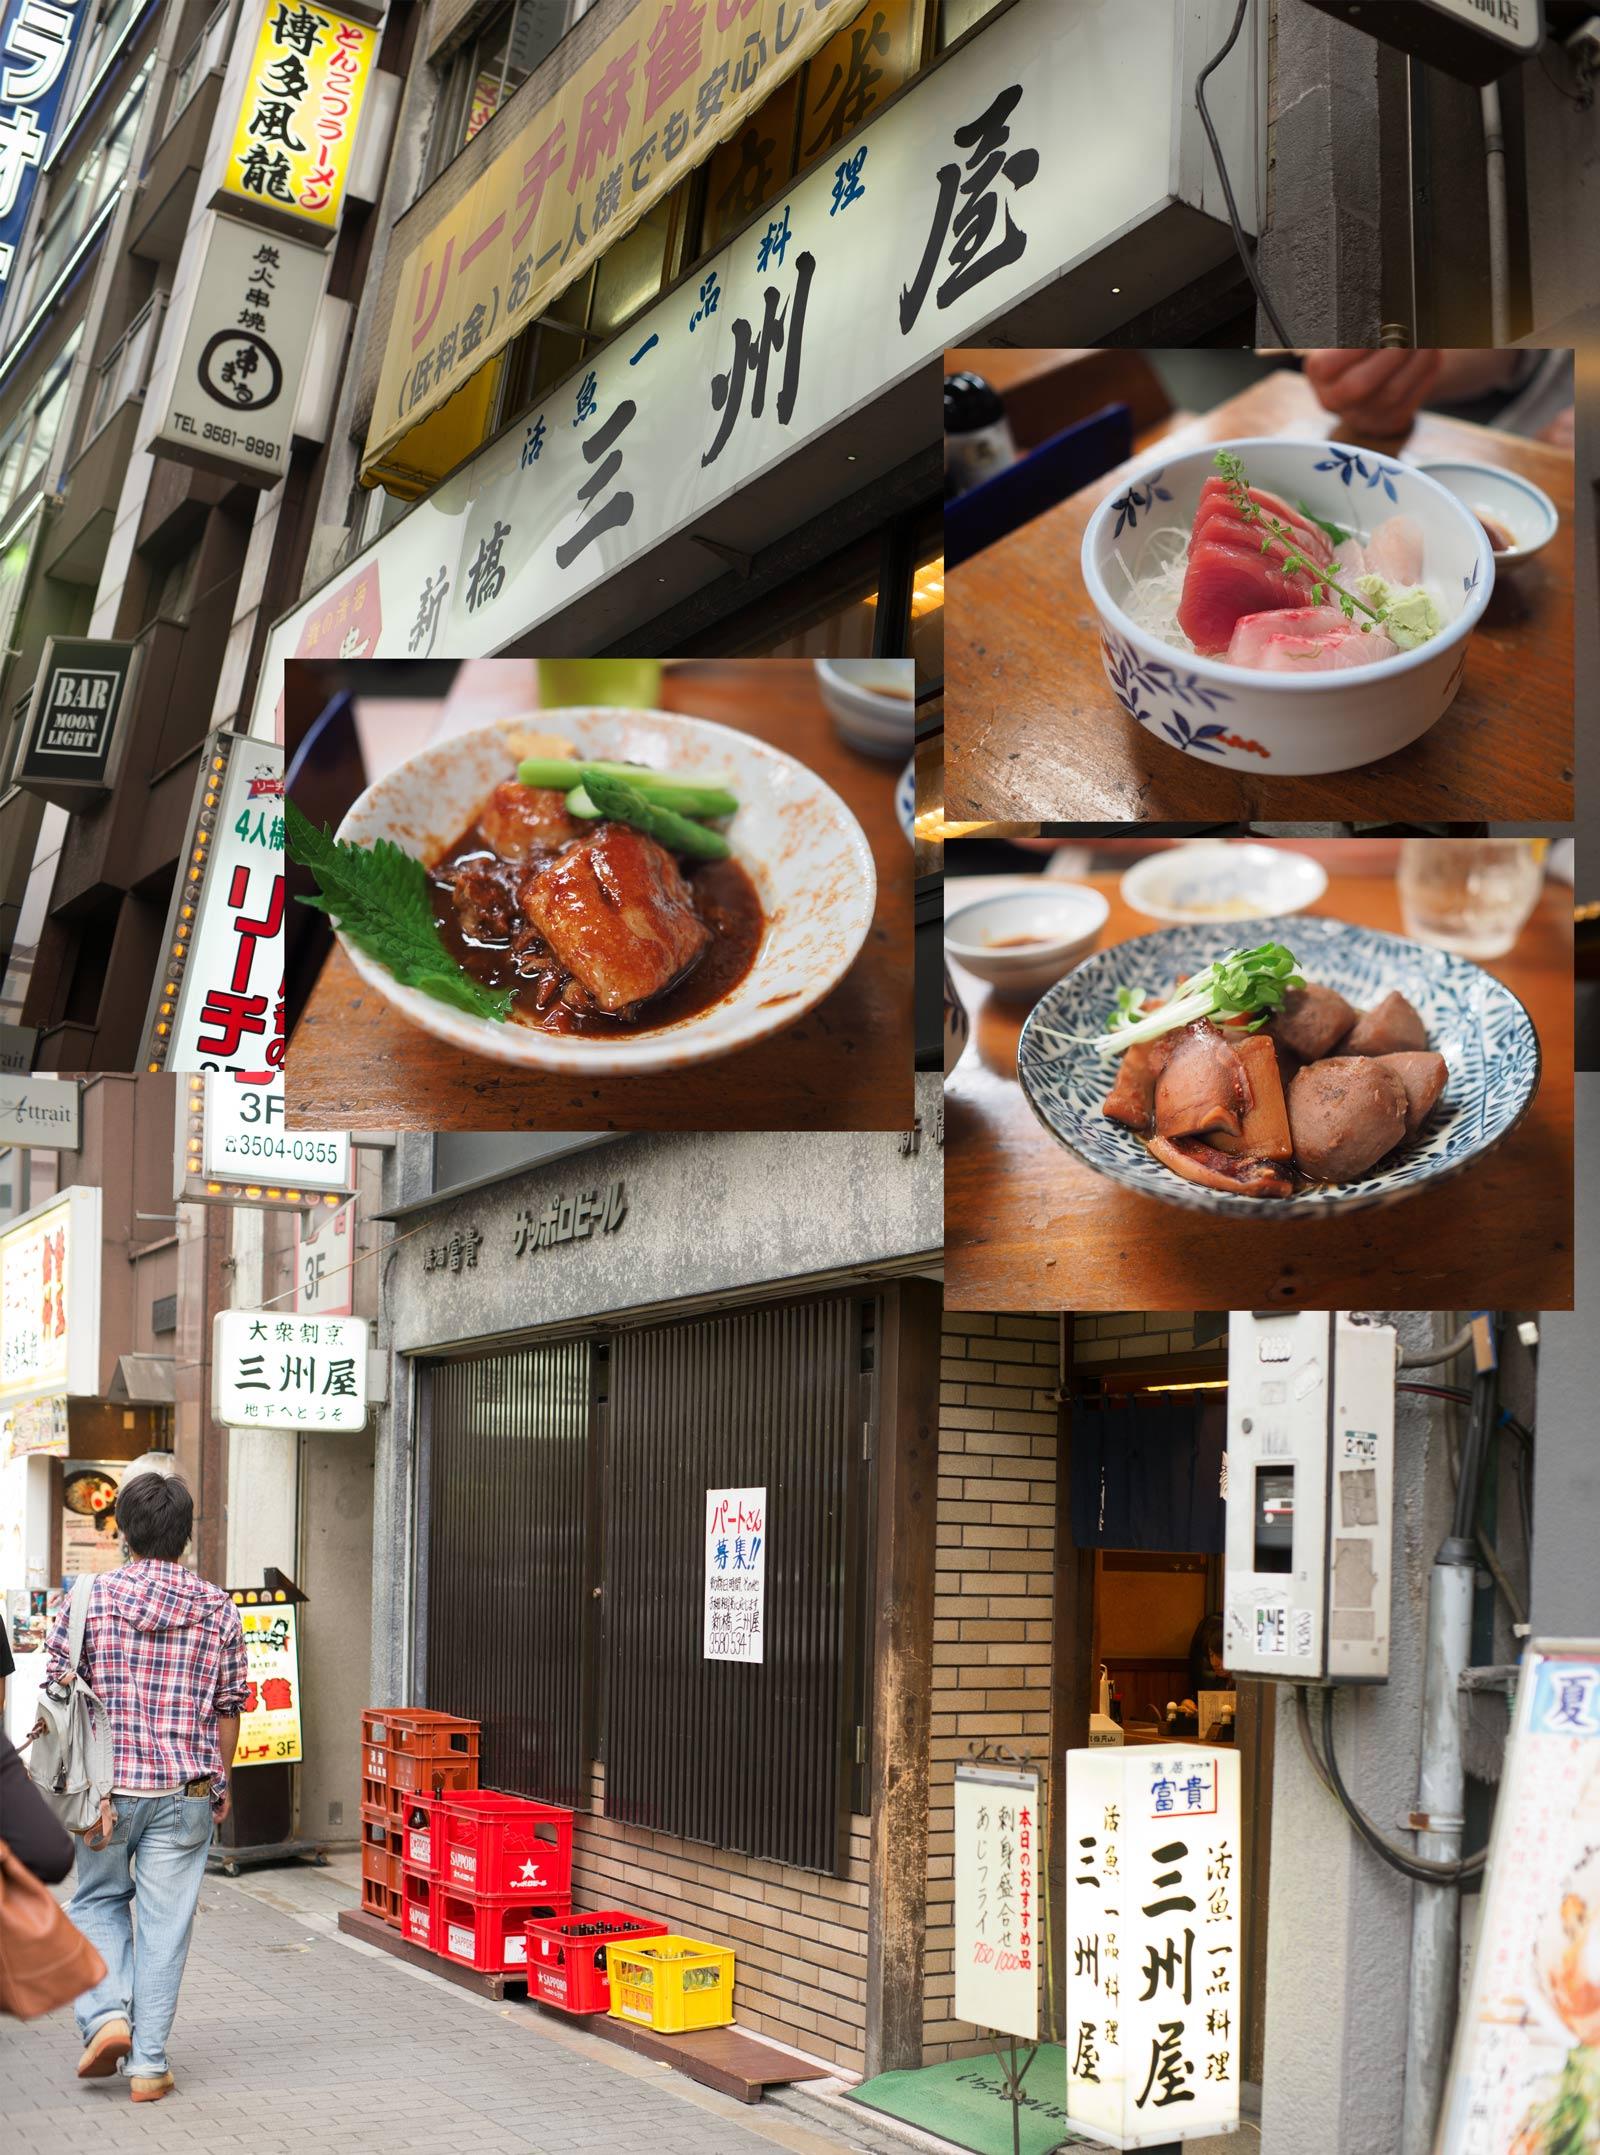 新橋三州屋_a0271402_13428.jpg